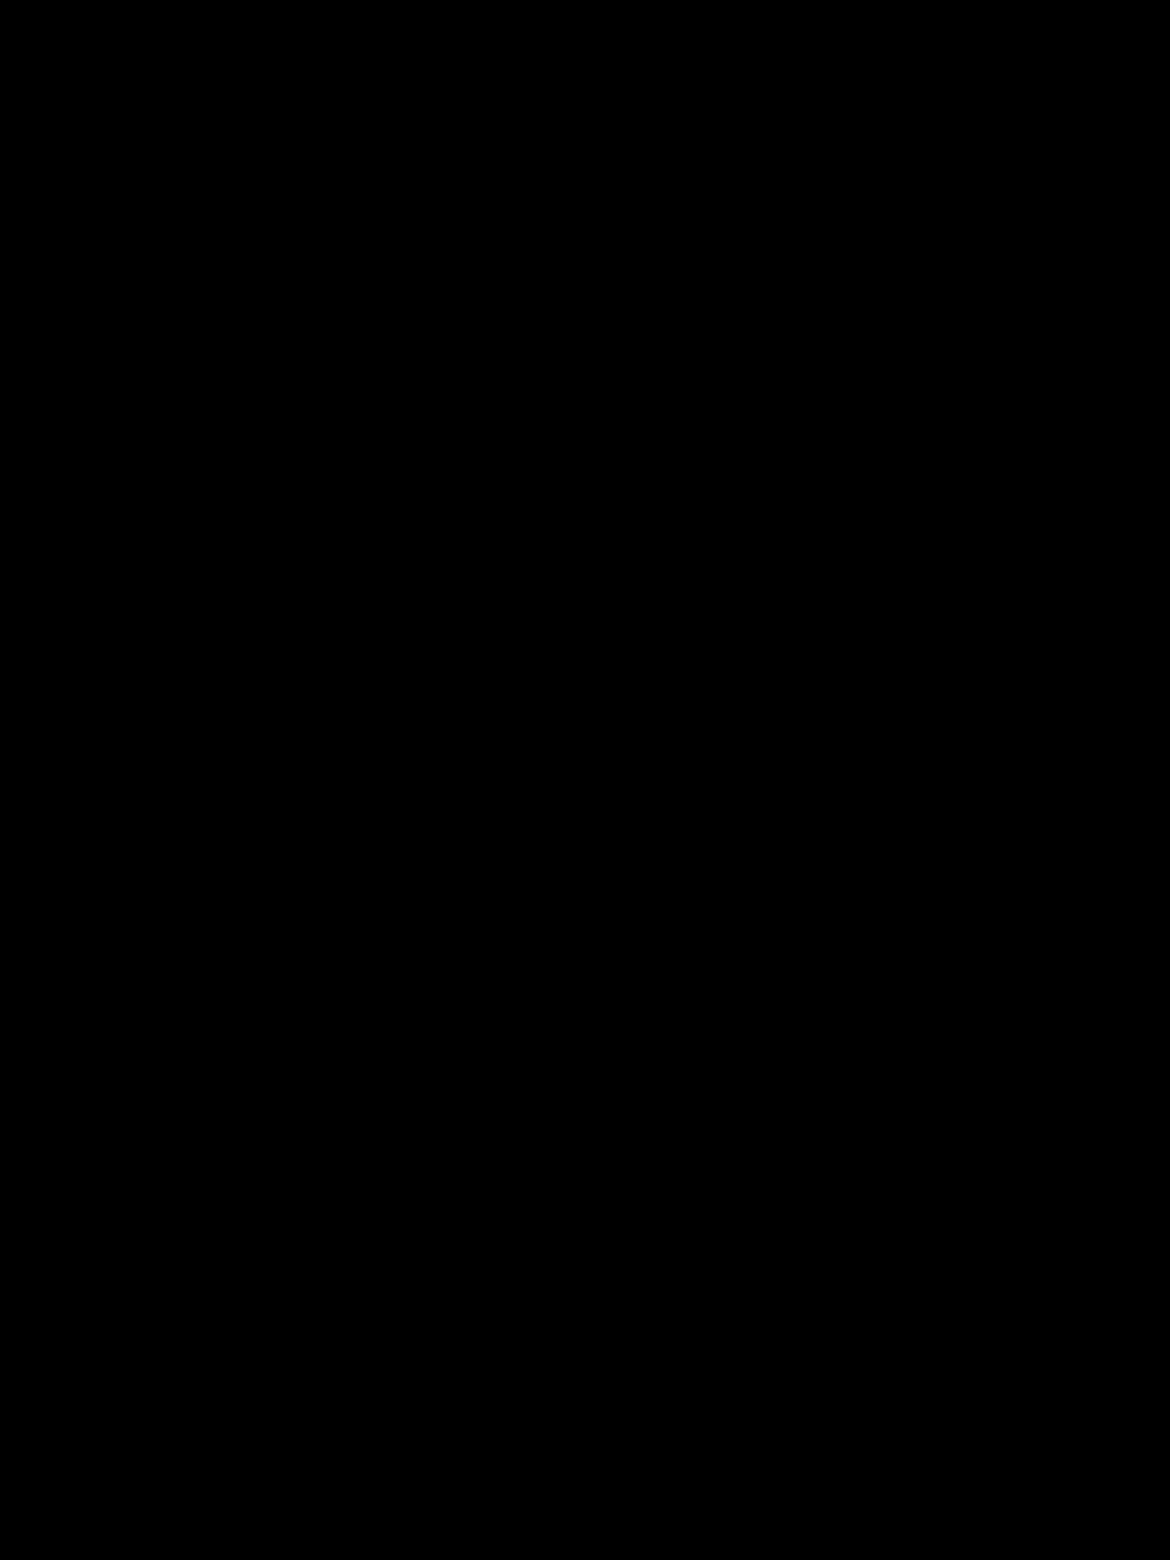 Un outfit pijama style & Una pochette arancione